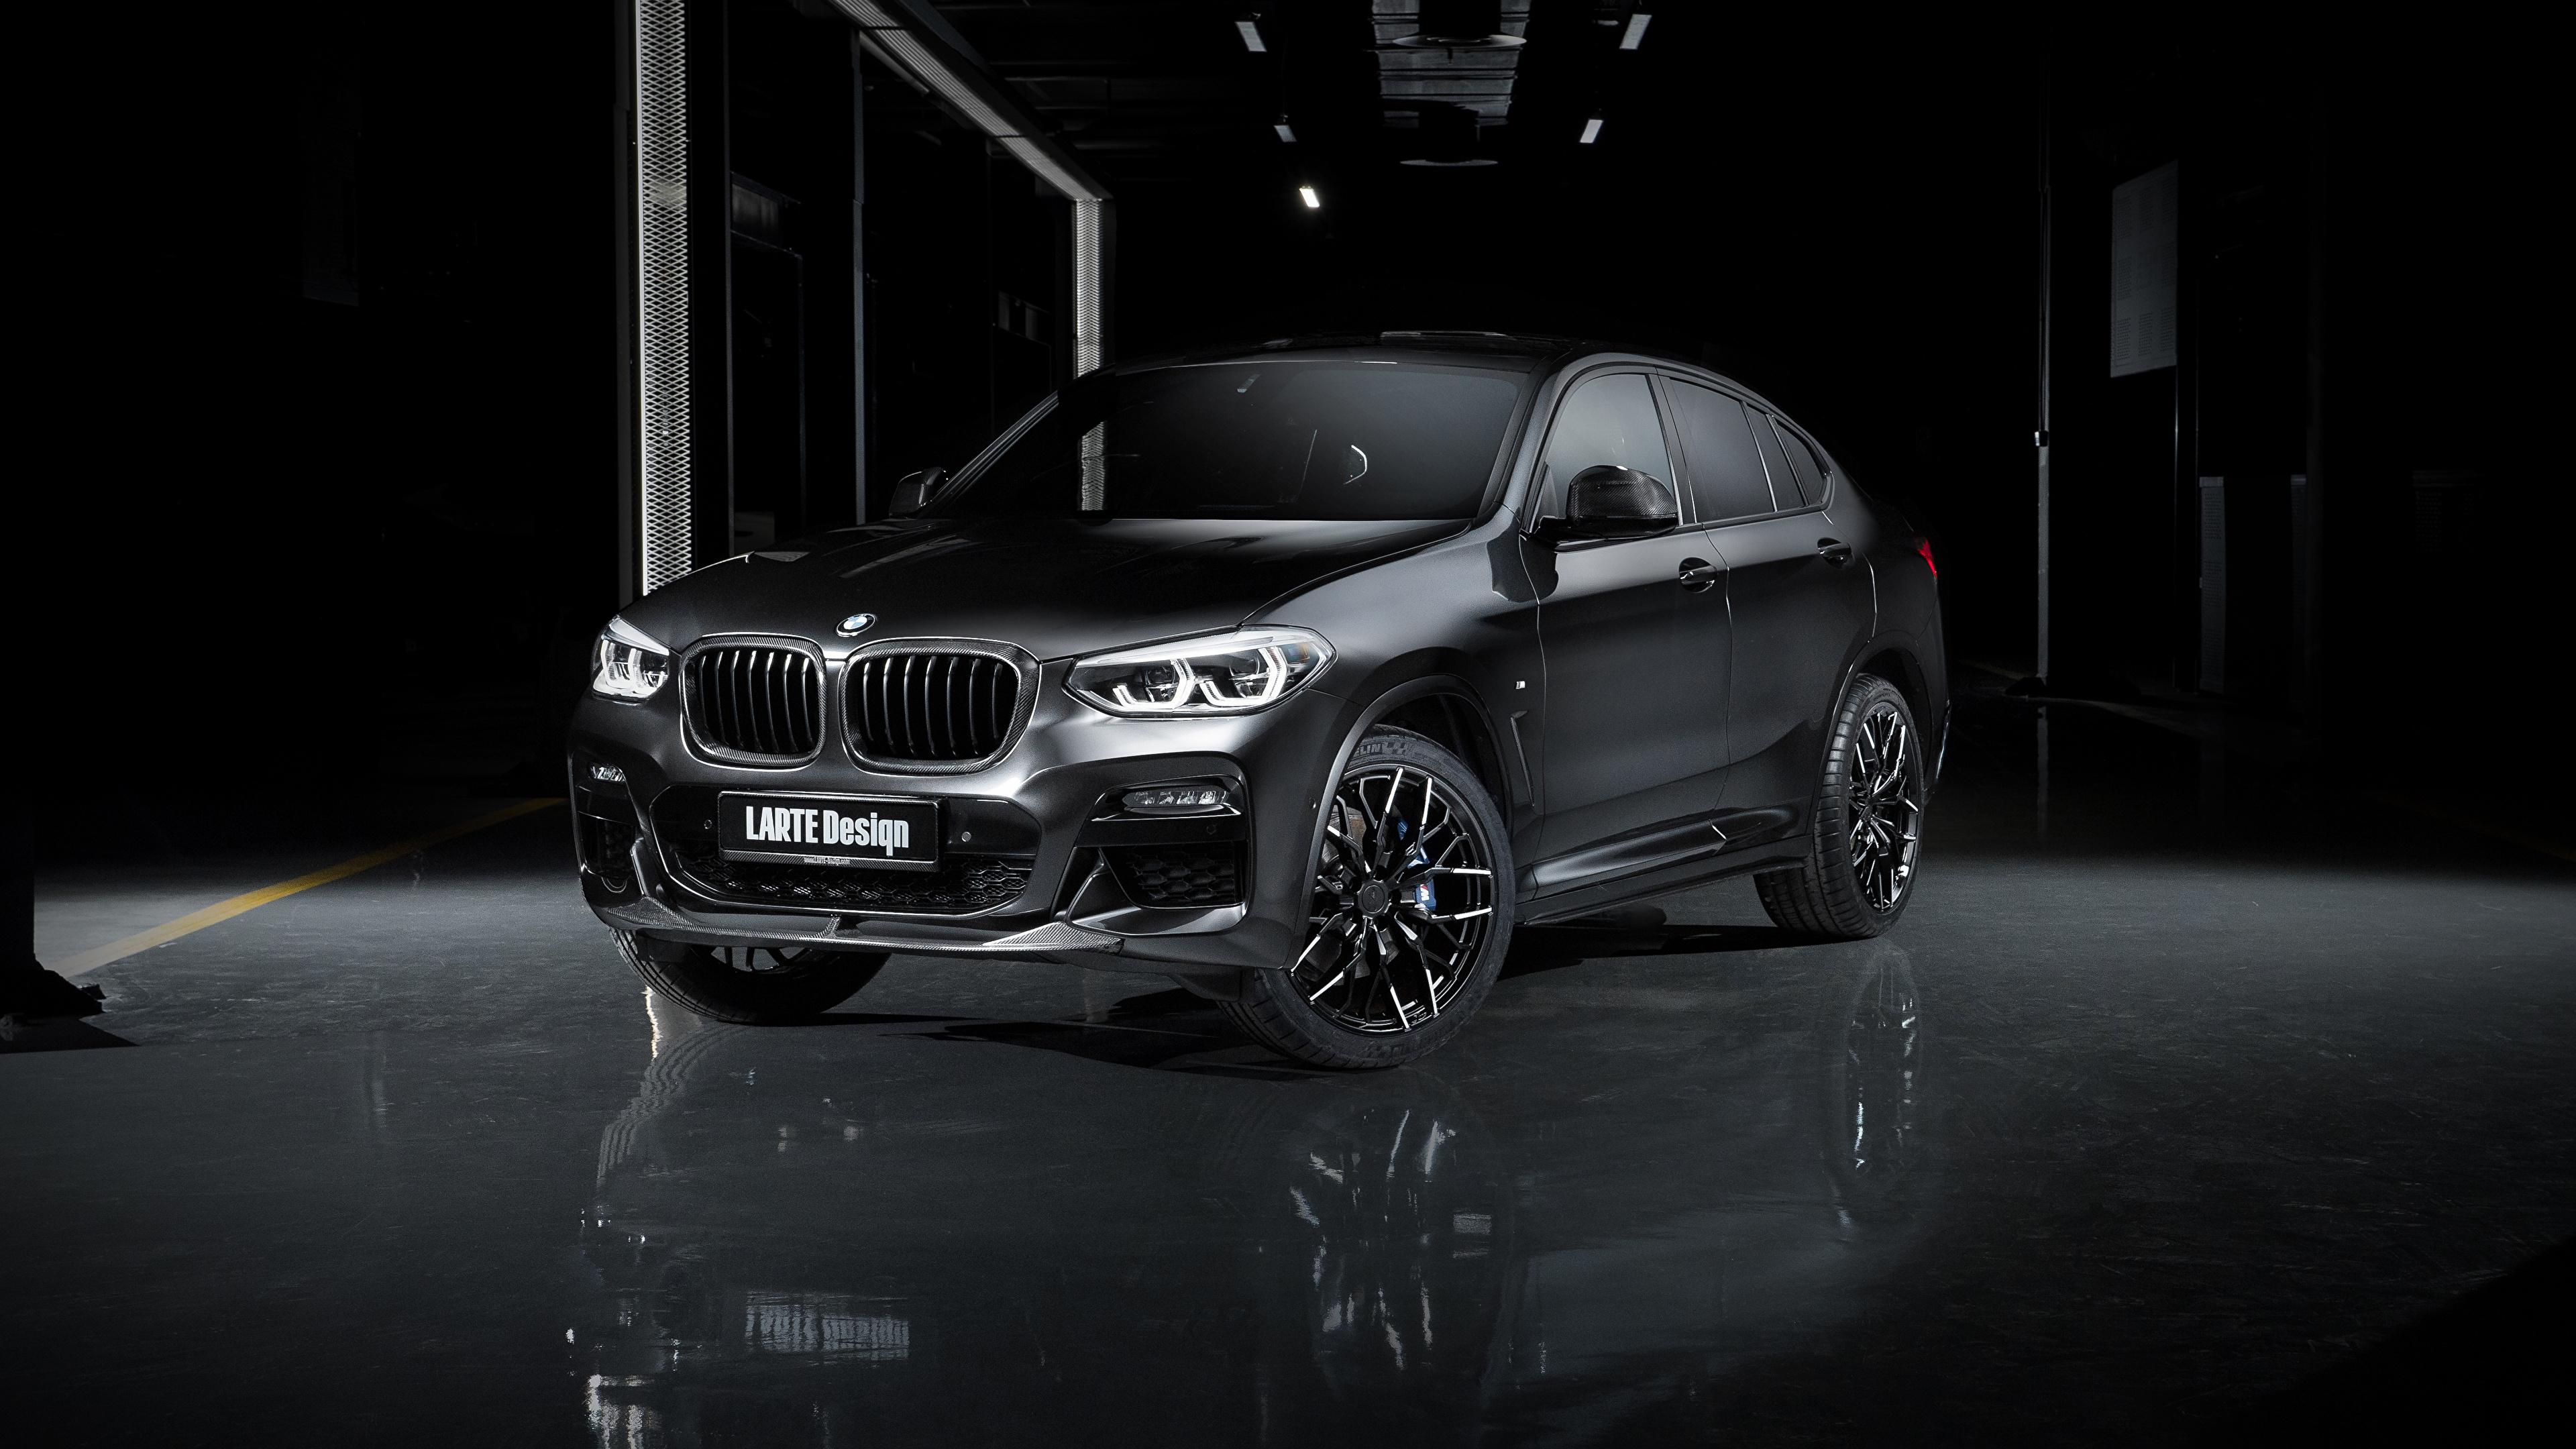 Картинки БМВ Кроссовер 2020 Larte Design BMW X4 Черный Автомобили 3840x2160 CUV черная черные черных авто машины машина автомобиль